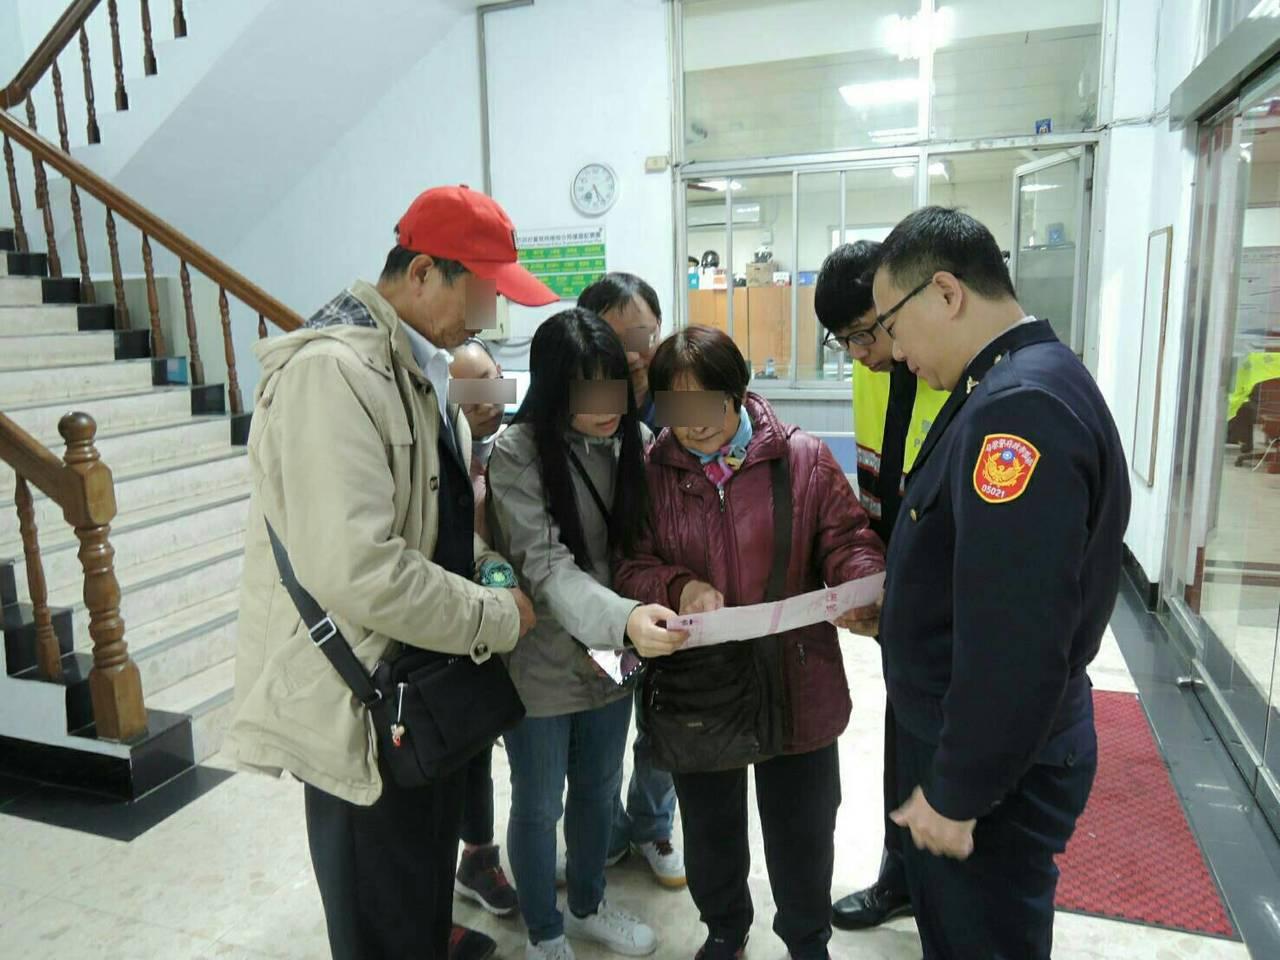 陸客付男和家人找到嬸嬏(中紅衣)並知道叔叔已經過逝3年。記者鄭國樑/翻攝